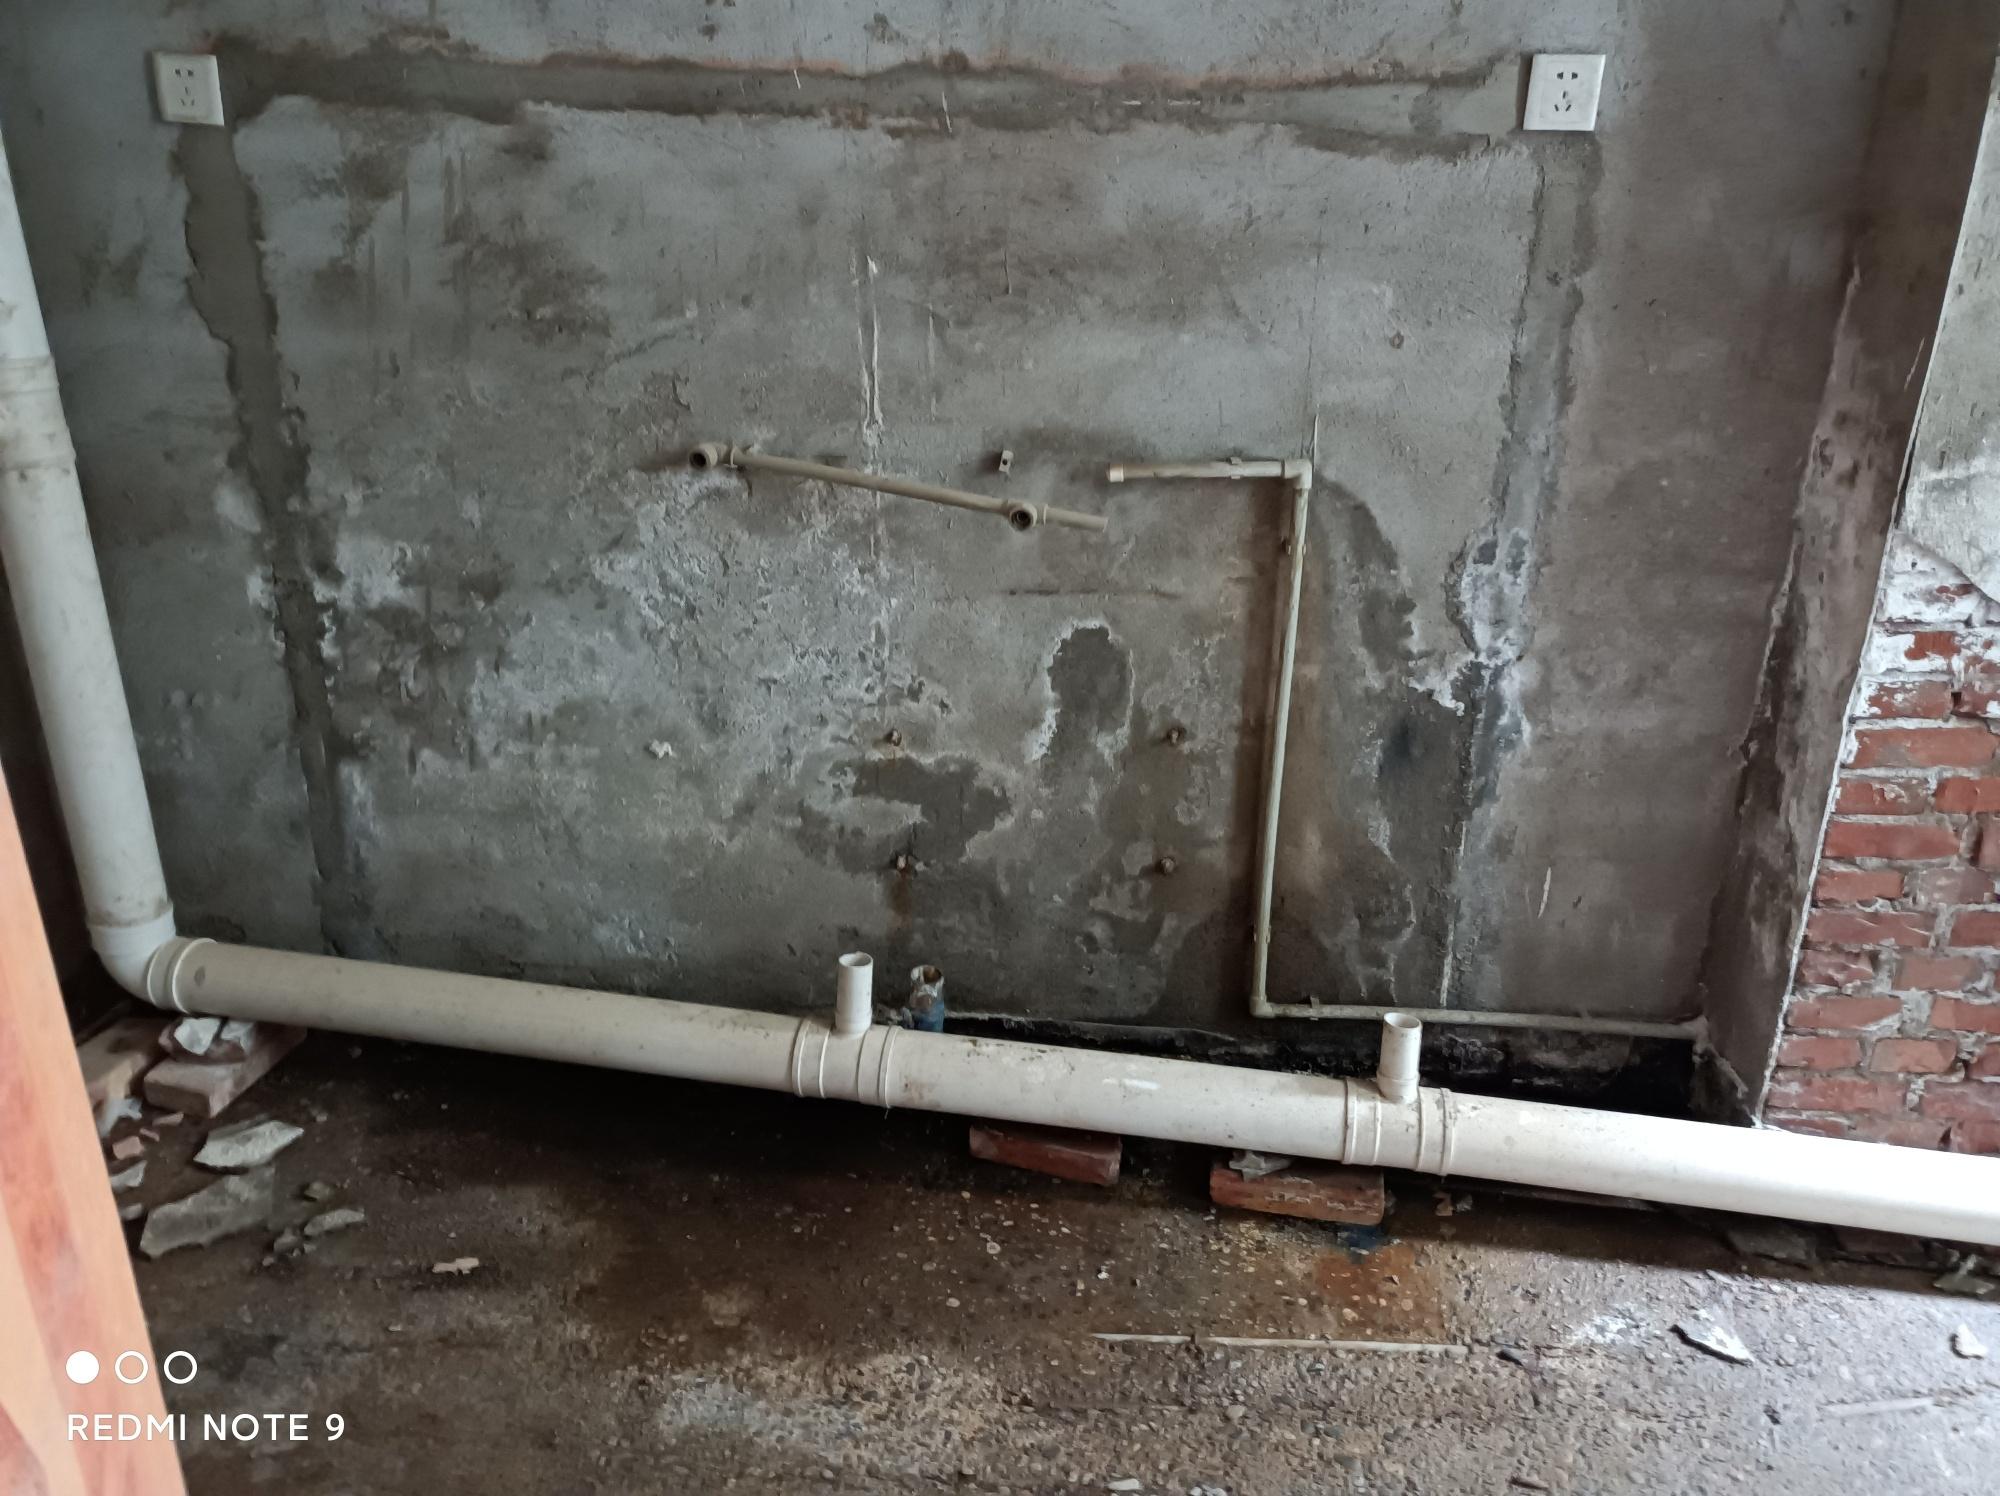 墙面潮气特别特别重,用木板装修墙面可以起到防潮效果呢?求大神解答